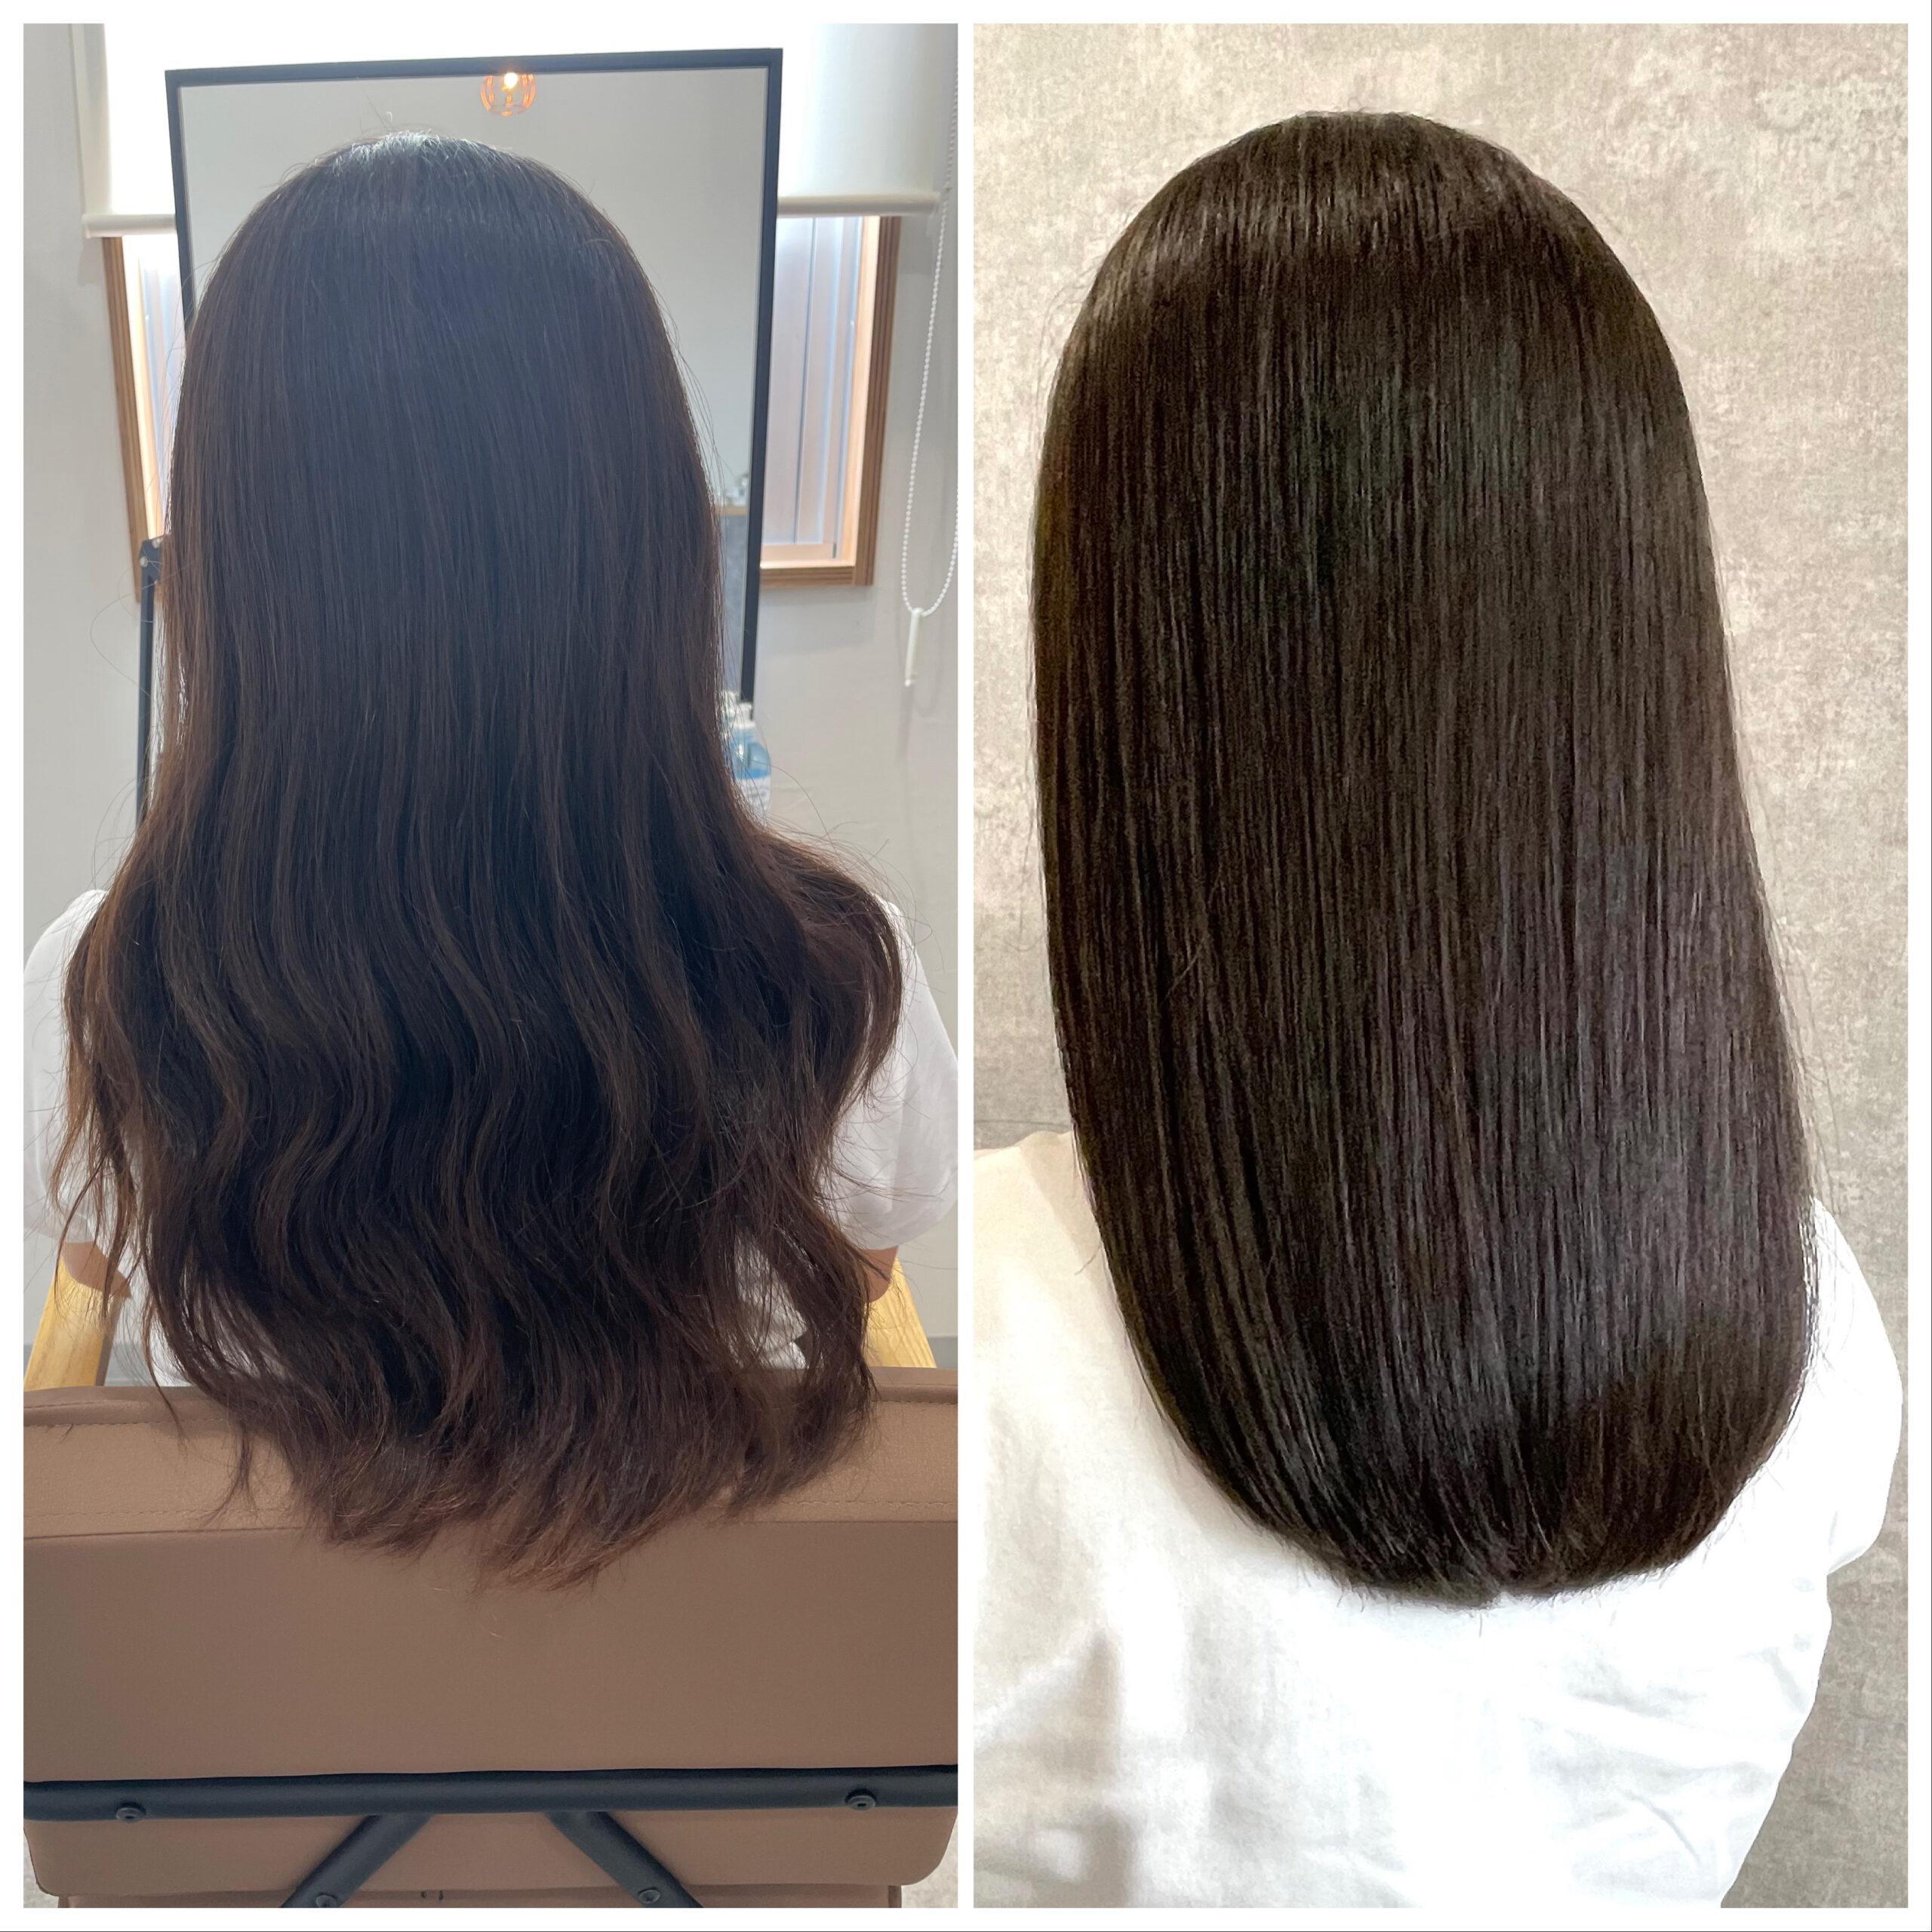 大分県別府市 髪質改善トリートメントで艶髪カラー『オリーブアッシュ』 ビフォーアフター